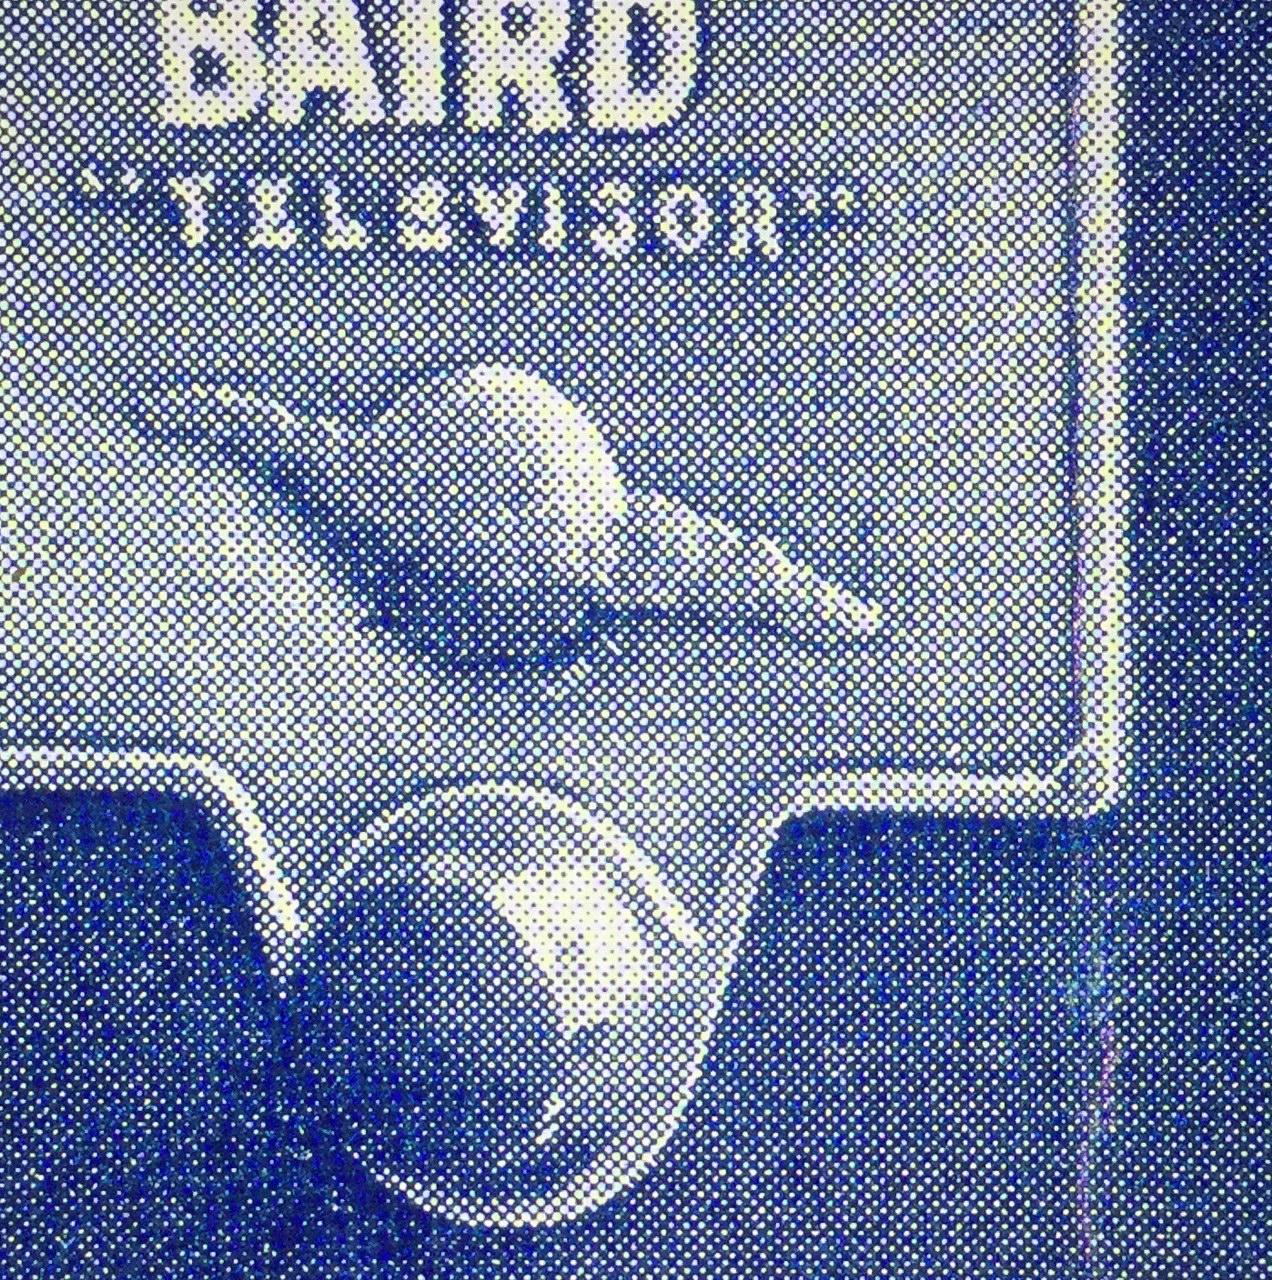 Baird Televisor detail